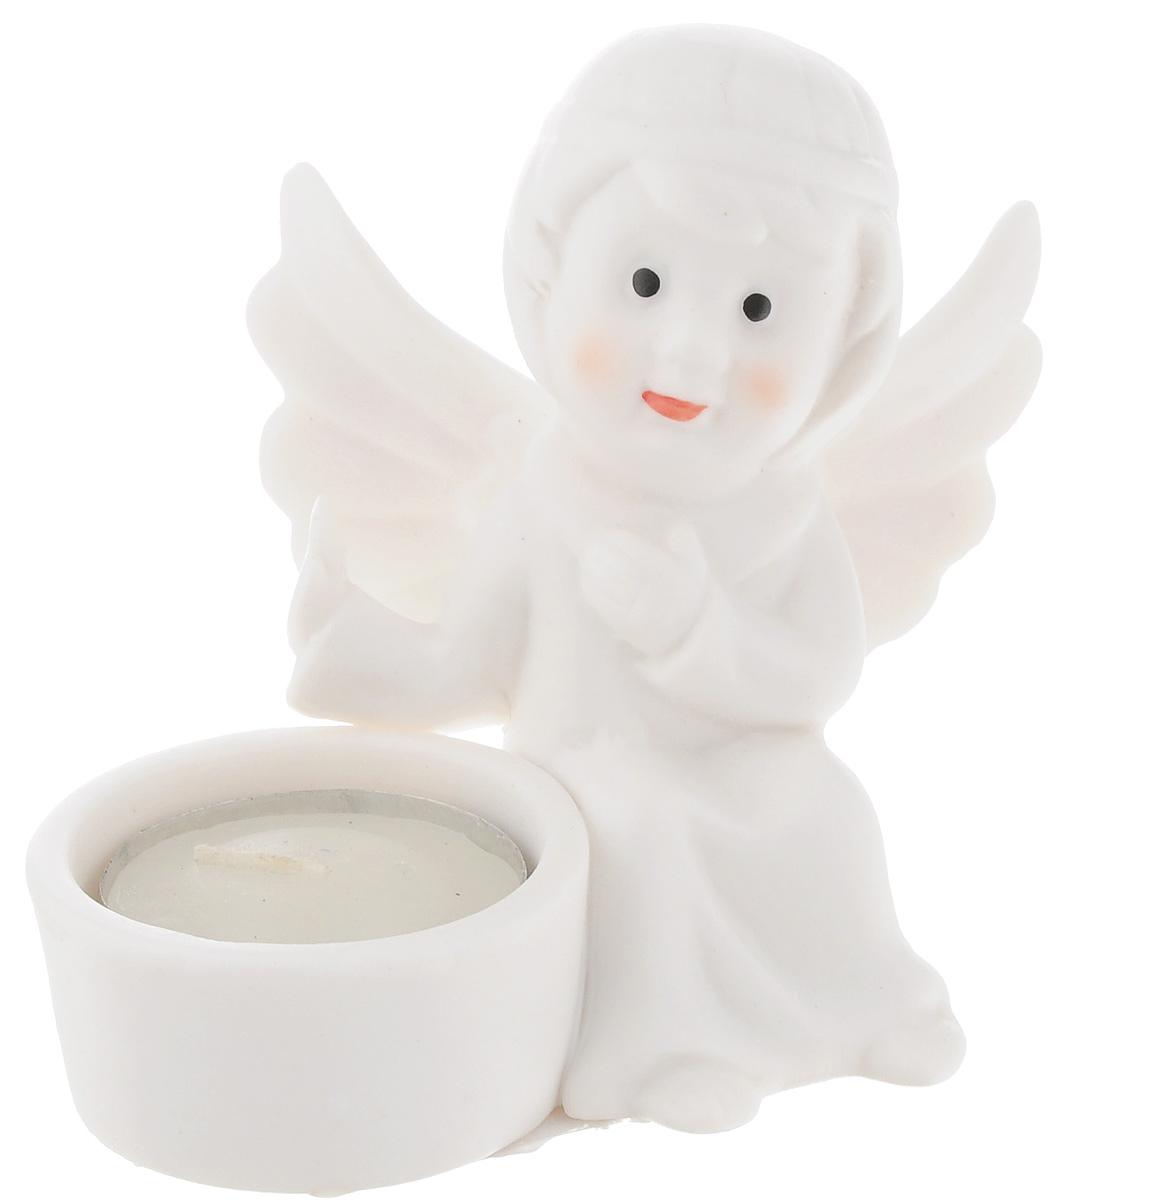 Подсвечник Lillo Ангел, со свечой, высота 8,5 смPH5896Подсвечник Lillo Ангел, выполненный из керамики, украсит интерьер вашего дома или офиса. Оригинальный дизайн и красочное исполнение создадут праздничное настроение. Подсвечник выполнен в форме ангела, сидящего около небольшой чашечки. Внутри чашечки - парафиновая свеча.Вы можете поставить подсвечник в любом месте, где он будет удачно смотреться, и радовать глаз. Кроме того - это отличный вариант подарка для ваших близких и друзей в преддверии Нового года.